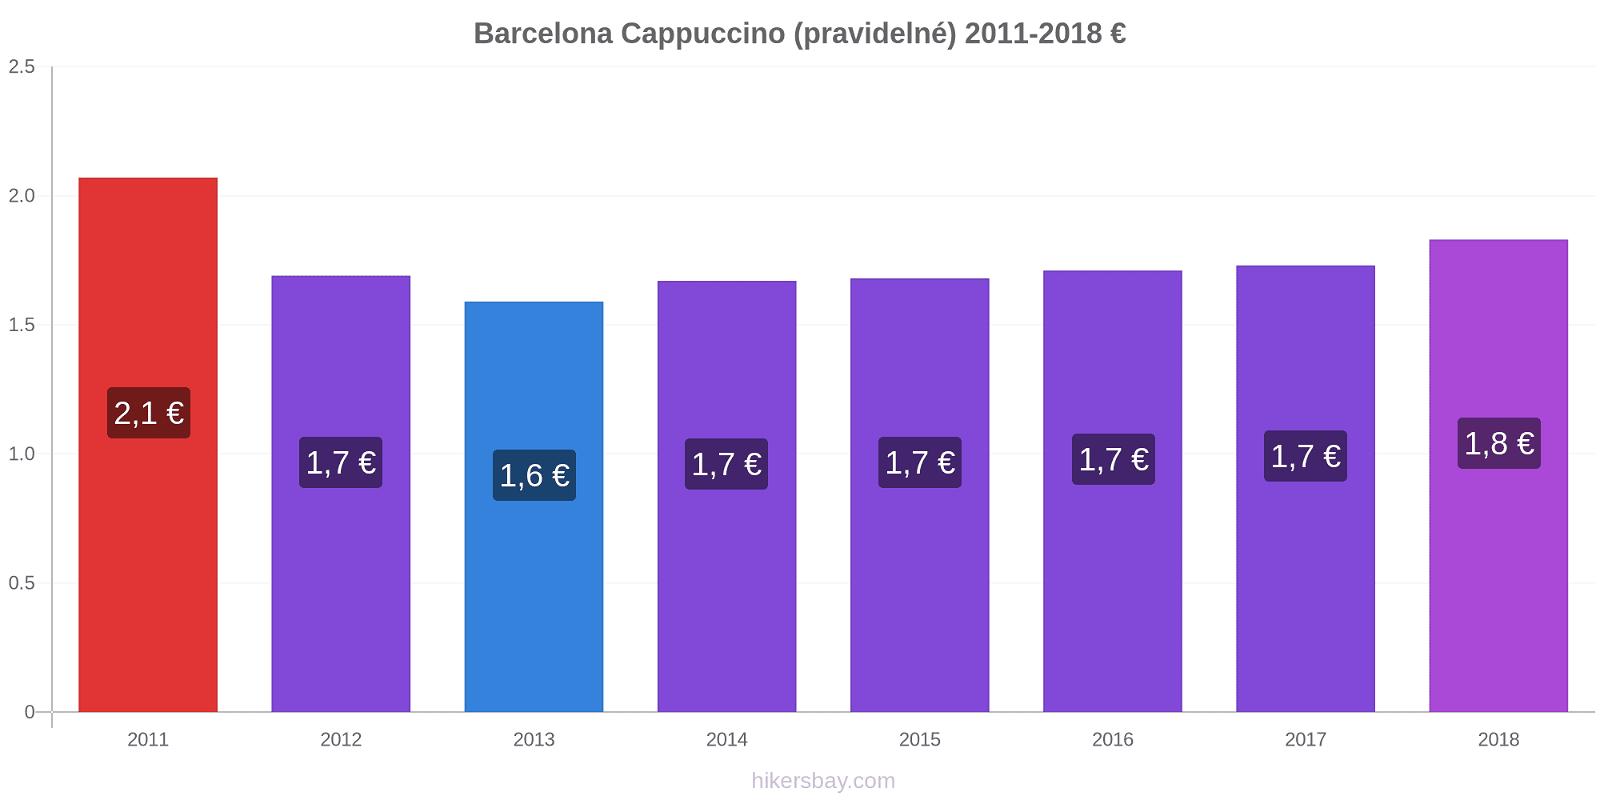 Barcelona změny cen Cappuccino (pravidelné) hikersbay.com